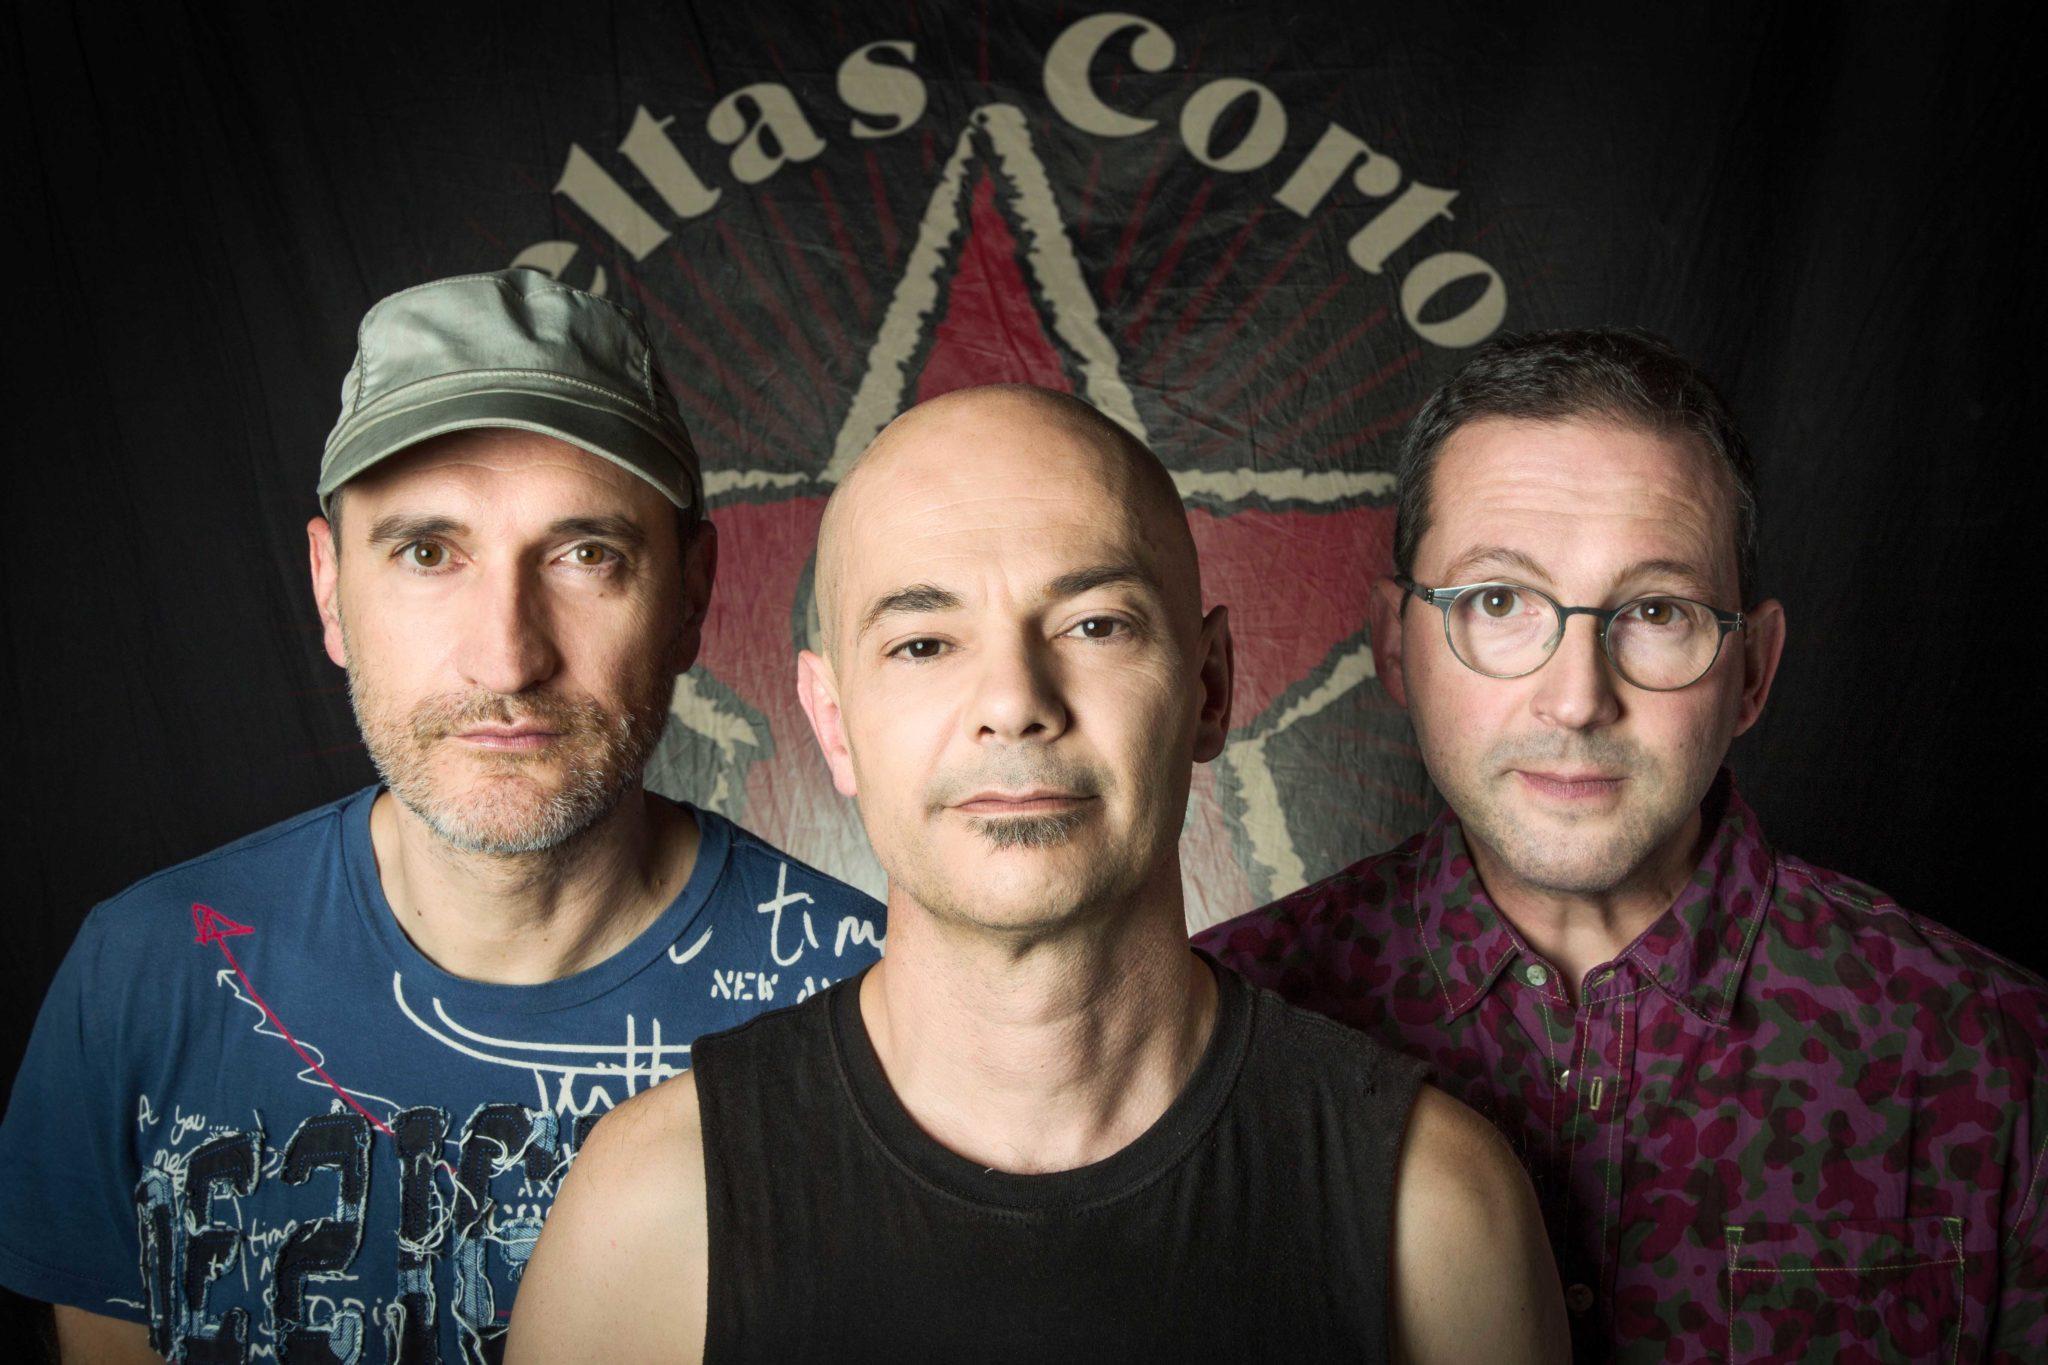 Celtas Cortos, Seguridad Social, Jaime Urrutia y Rock & Ríos Band, artistas confirmados para la segunda edición de Bikini Pop